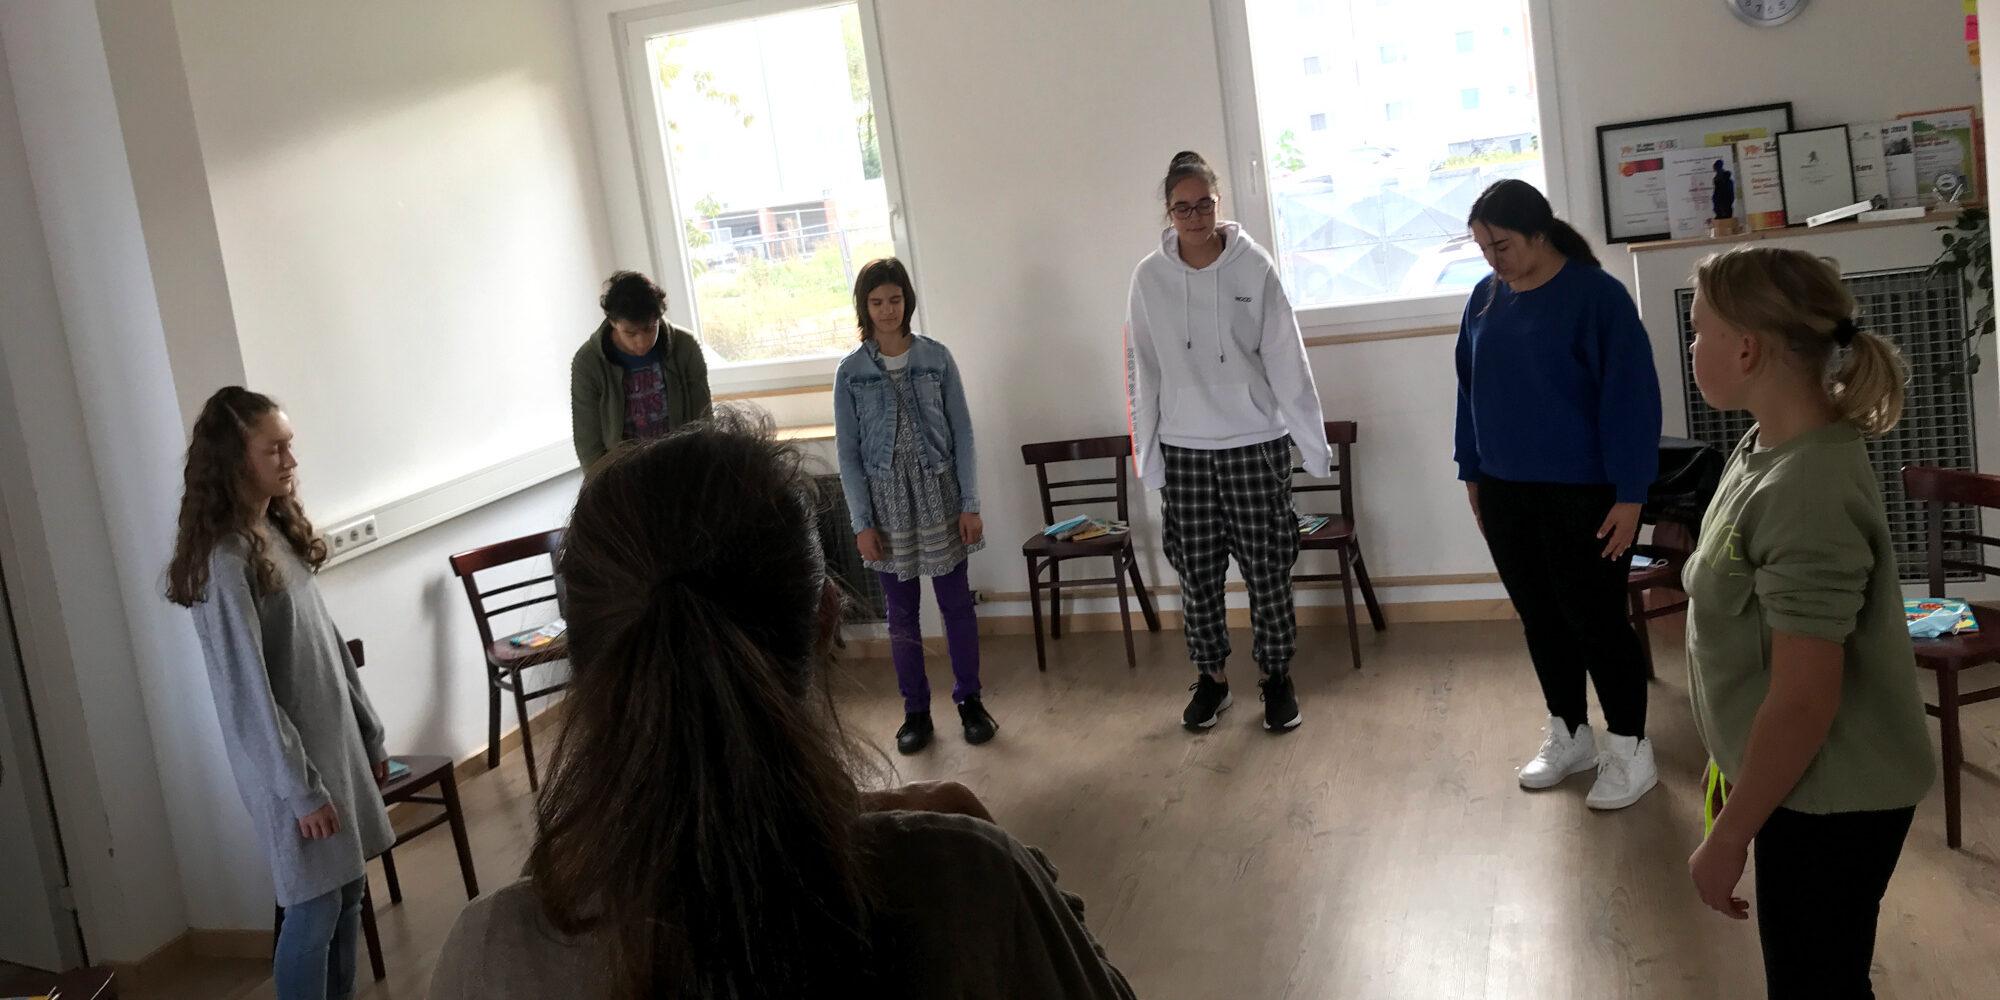 Jugendliche stehen mit geschlossenen Augen im Kreis und konzentrieren sich.